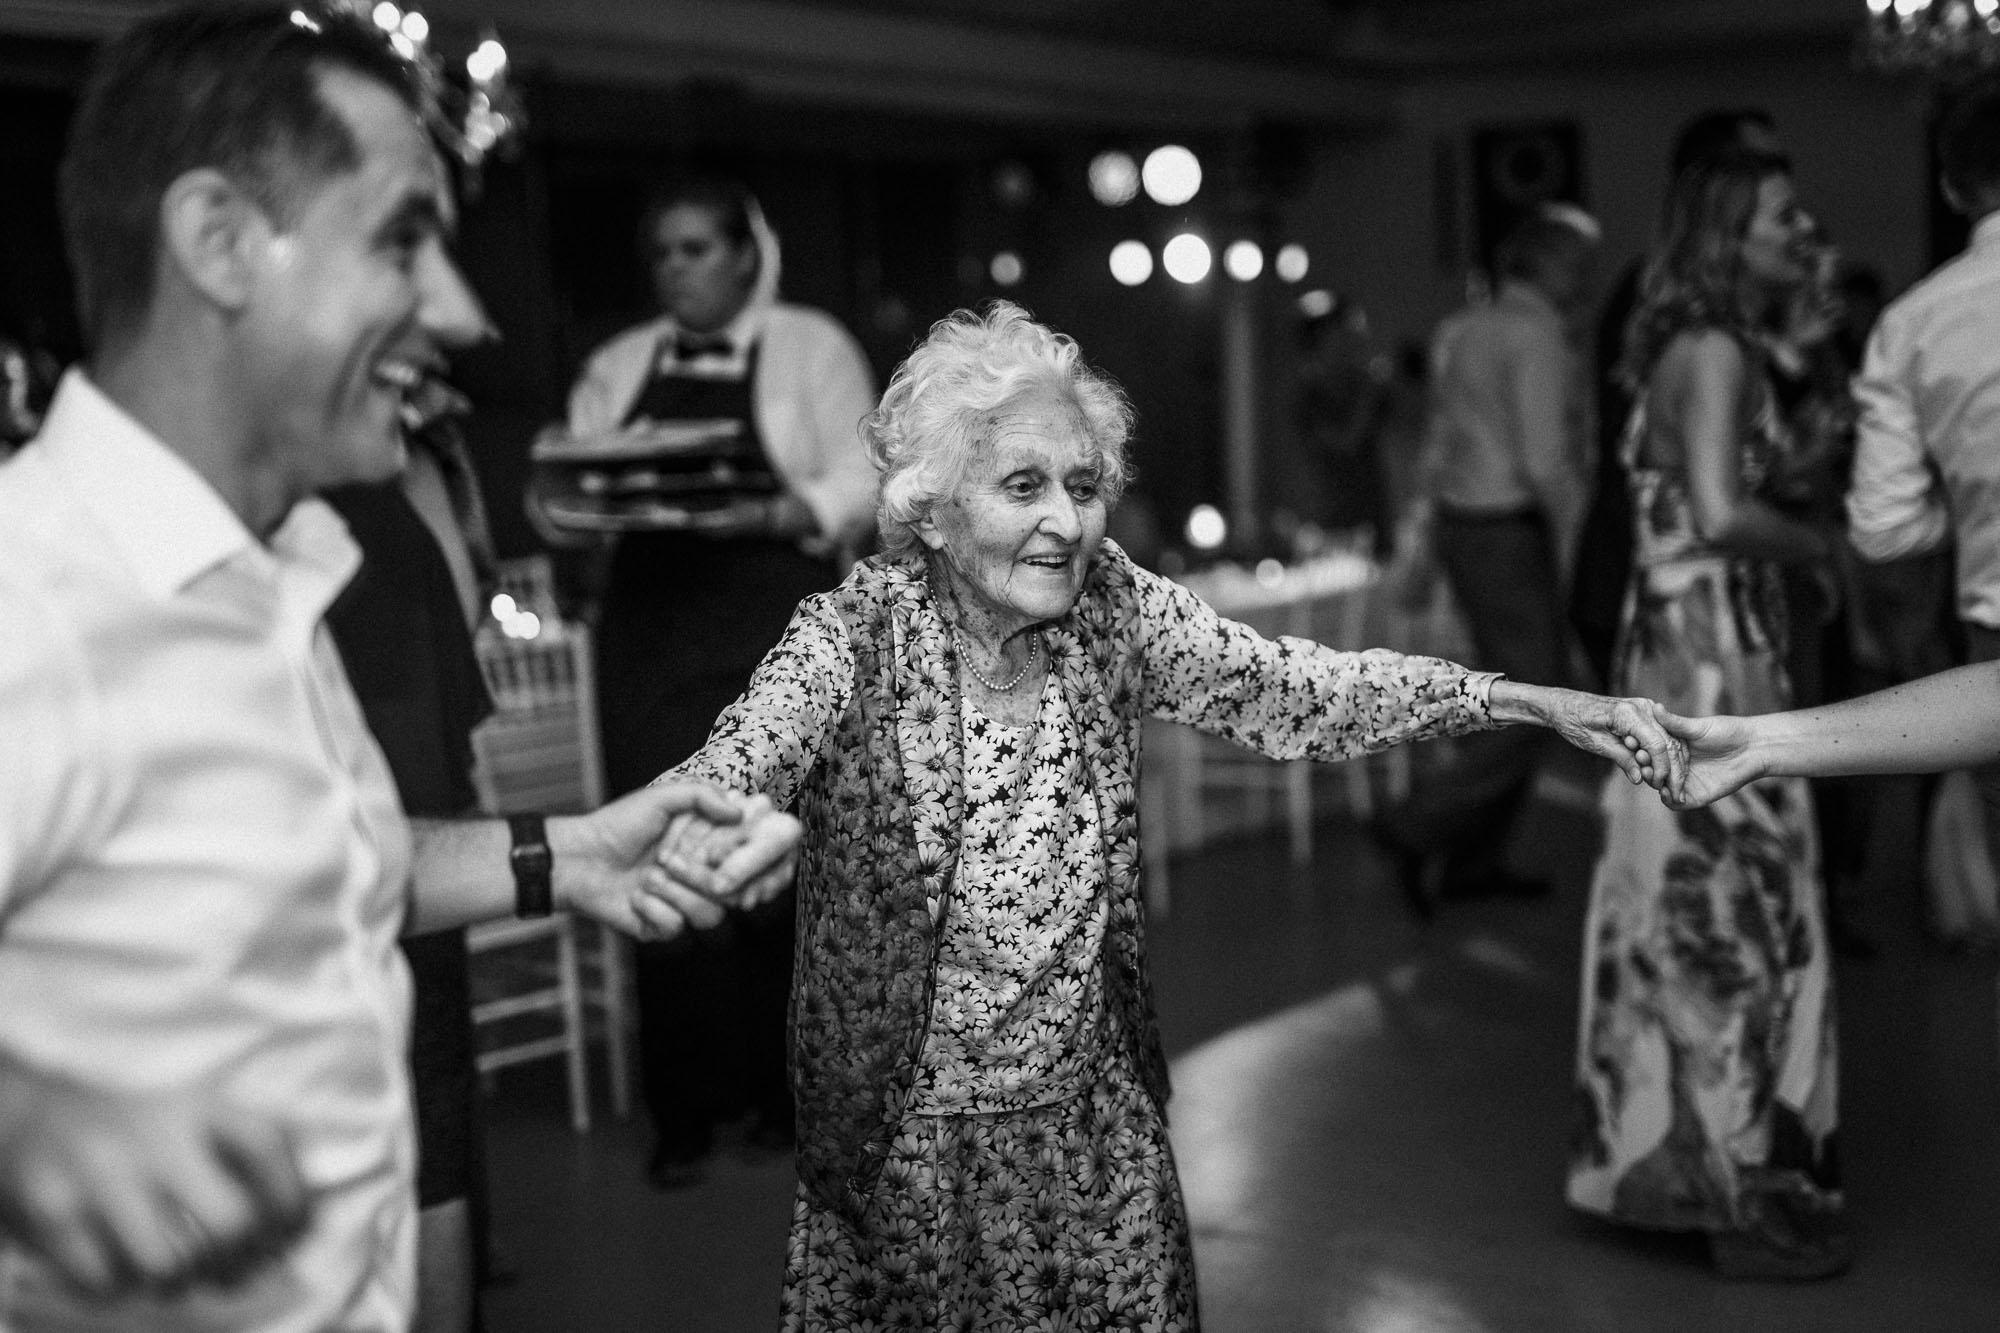 Die Oma auf der Tanzfläche